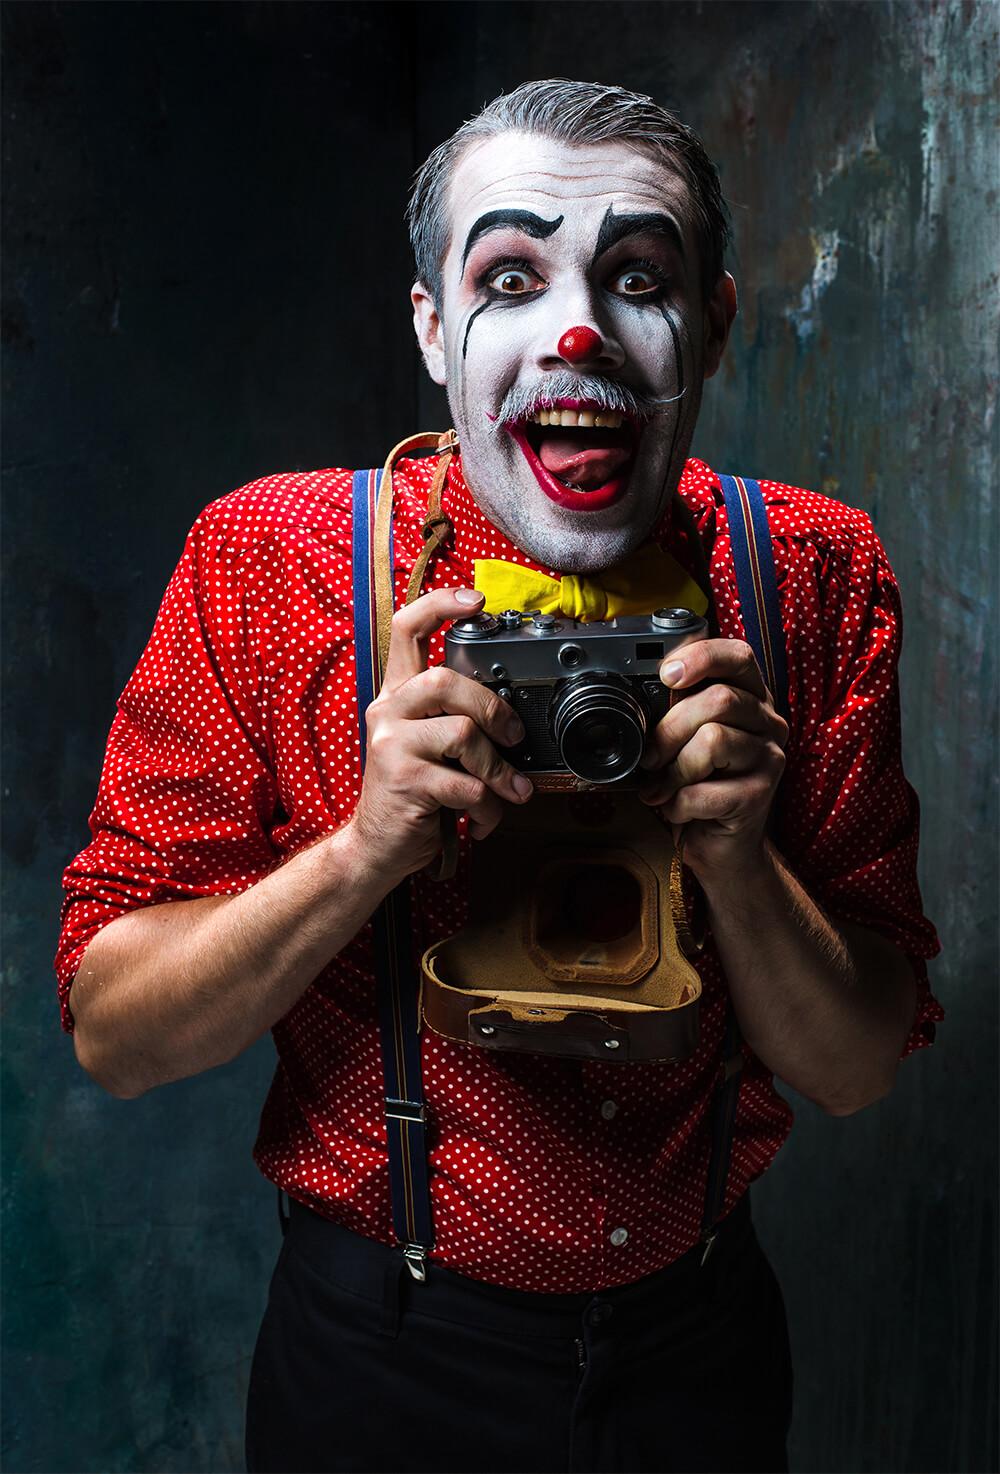 カメラを持つピエロ